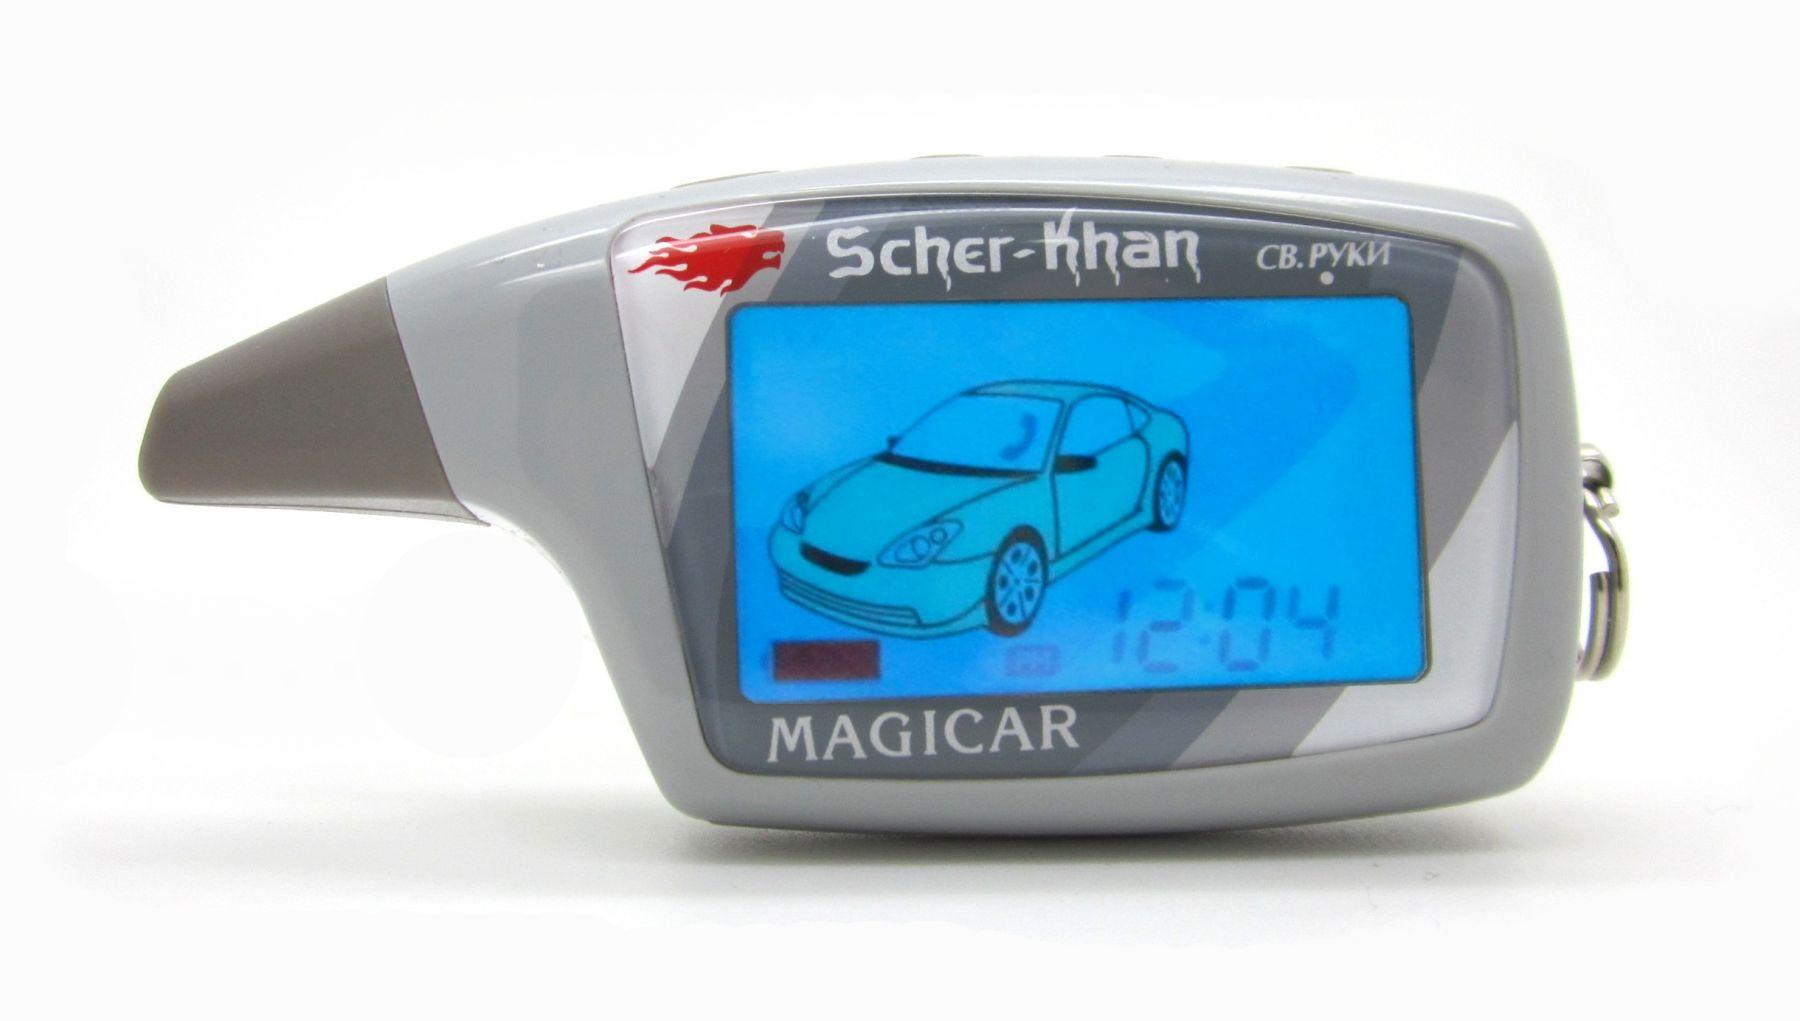 Брелок для Scher-Khan MAGICAR